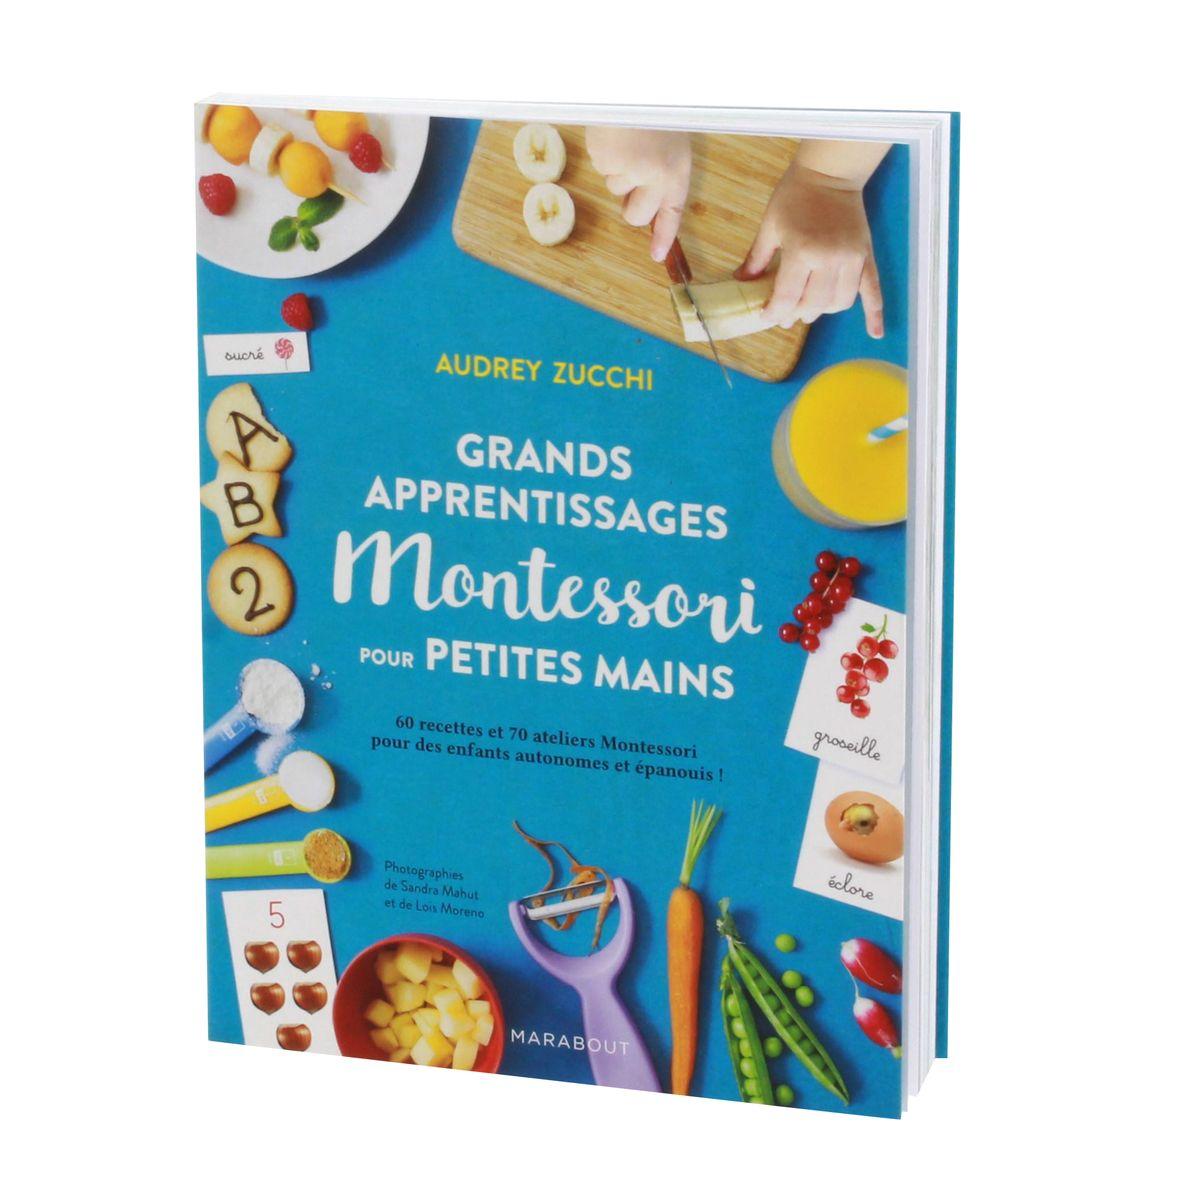 Grands apprentissages Montessori pour petites mains - Marabout